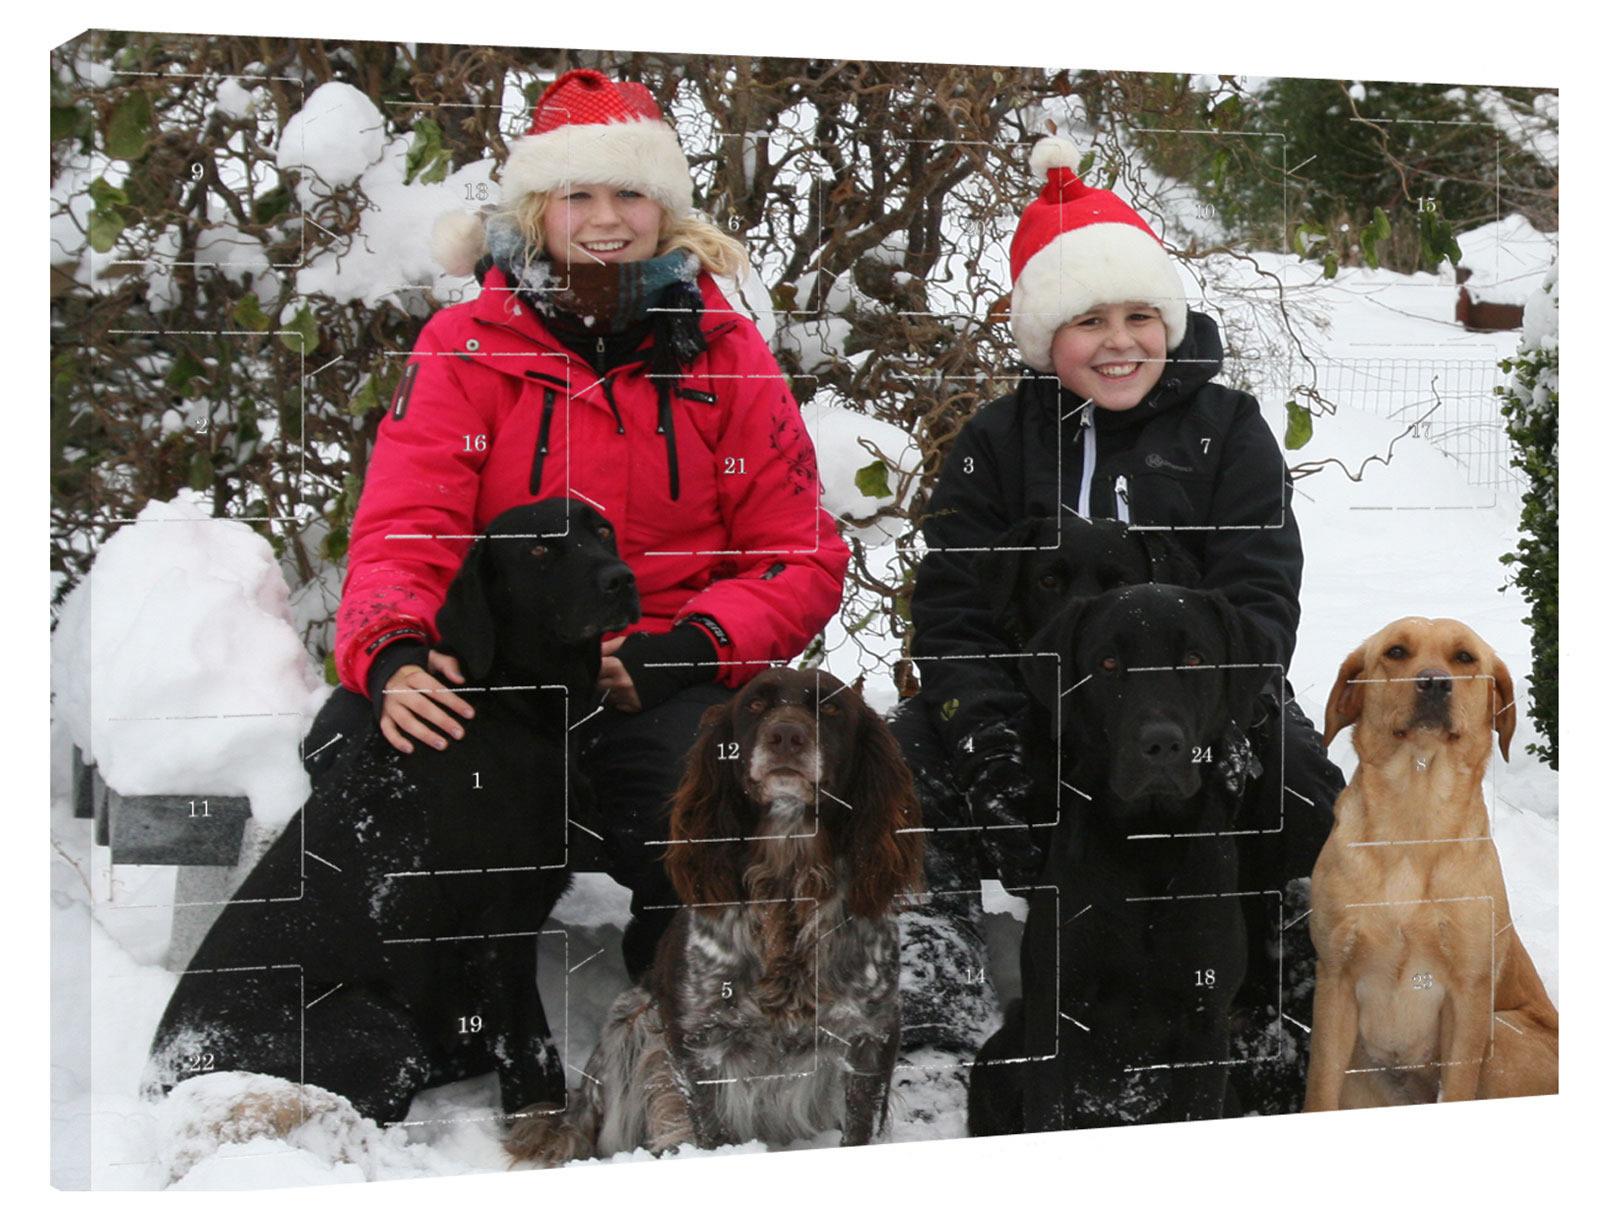 Det er igen tid til at tænke på julekalenderen foto julekalenderen